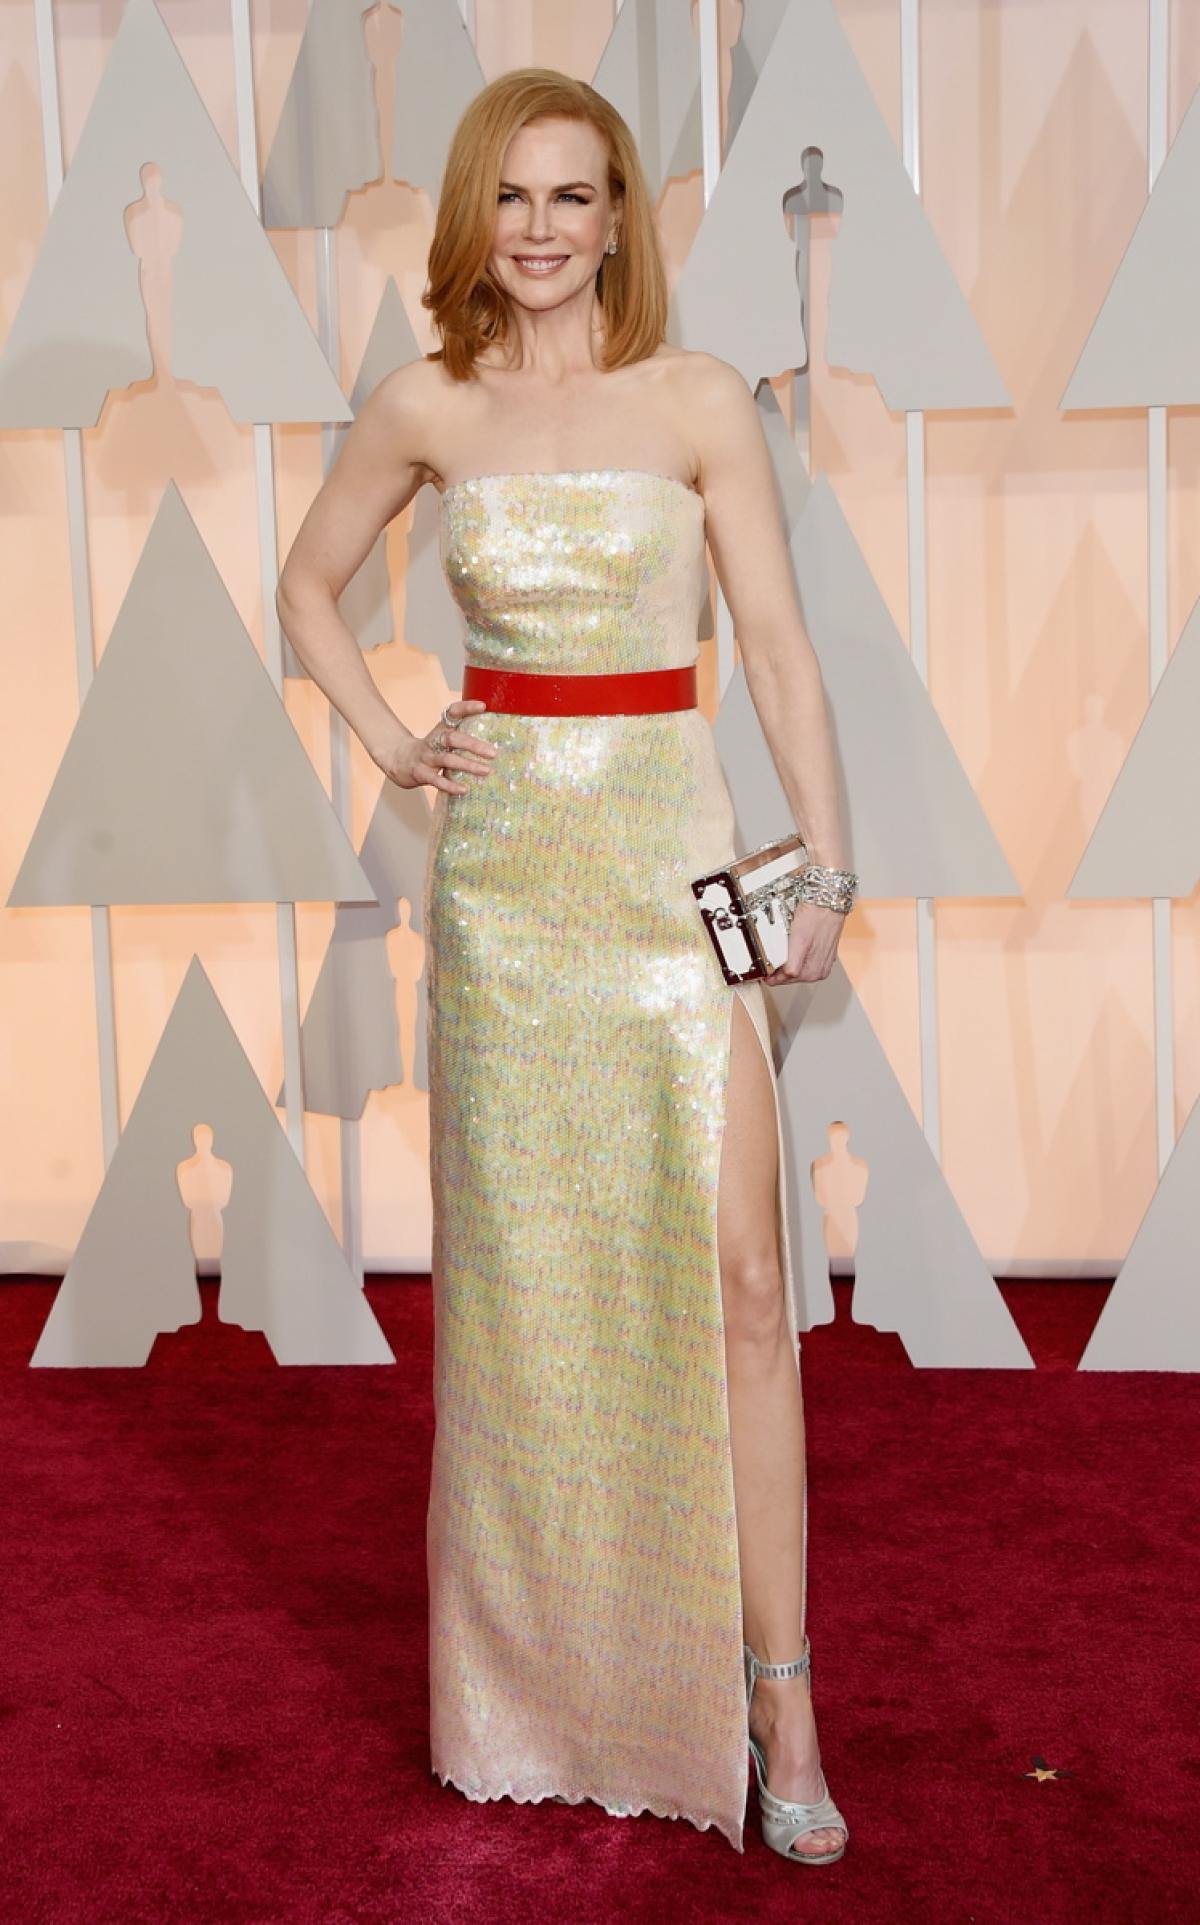 Las Peor Vestidas de los Oscars 2015 - Red Carpet